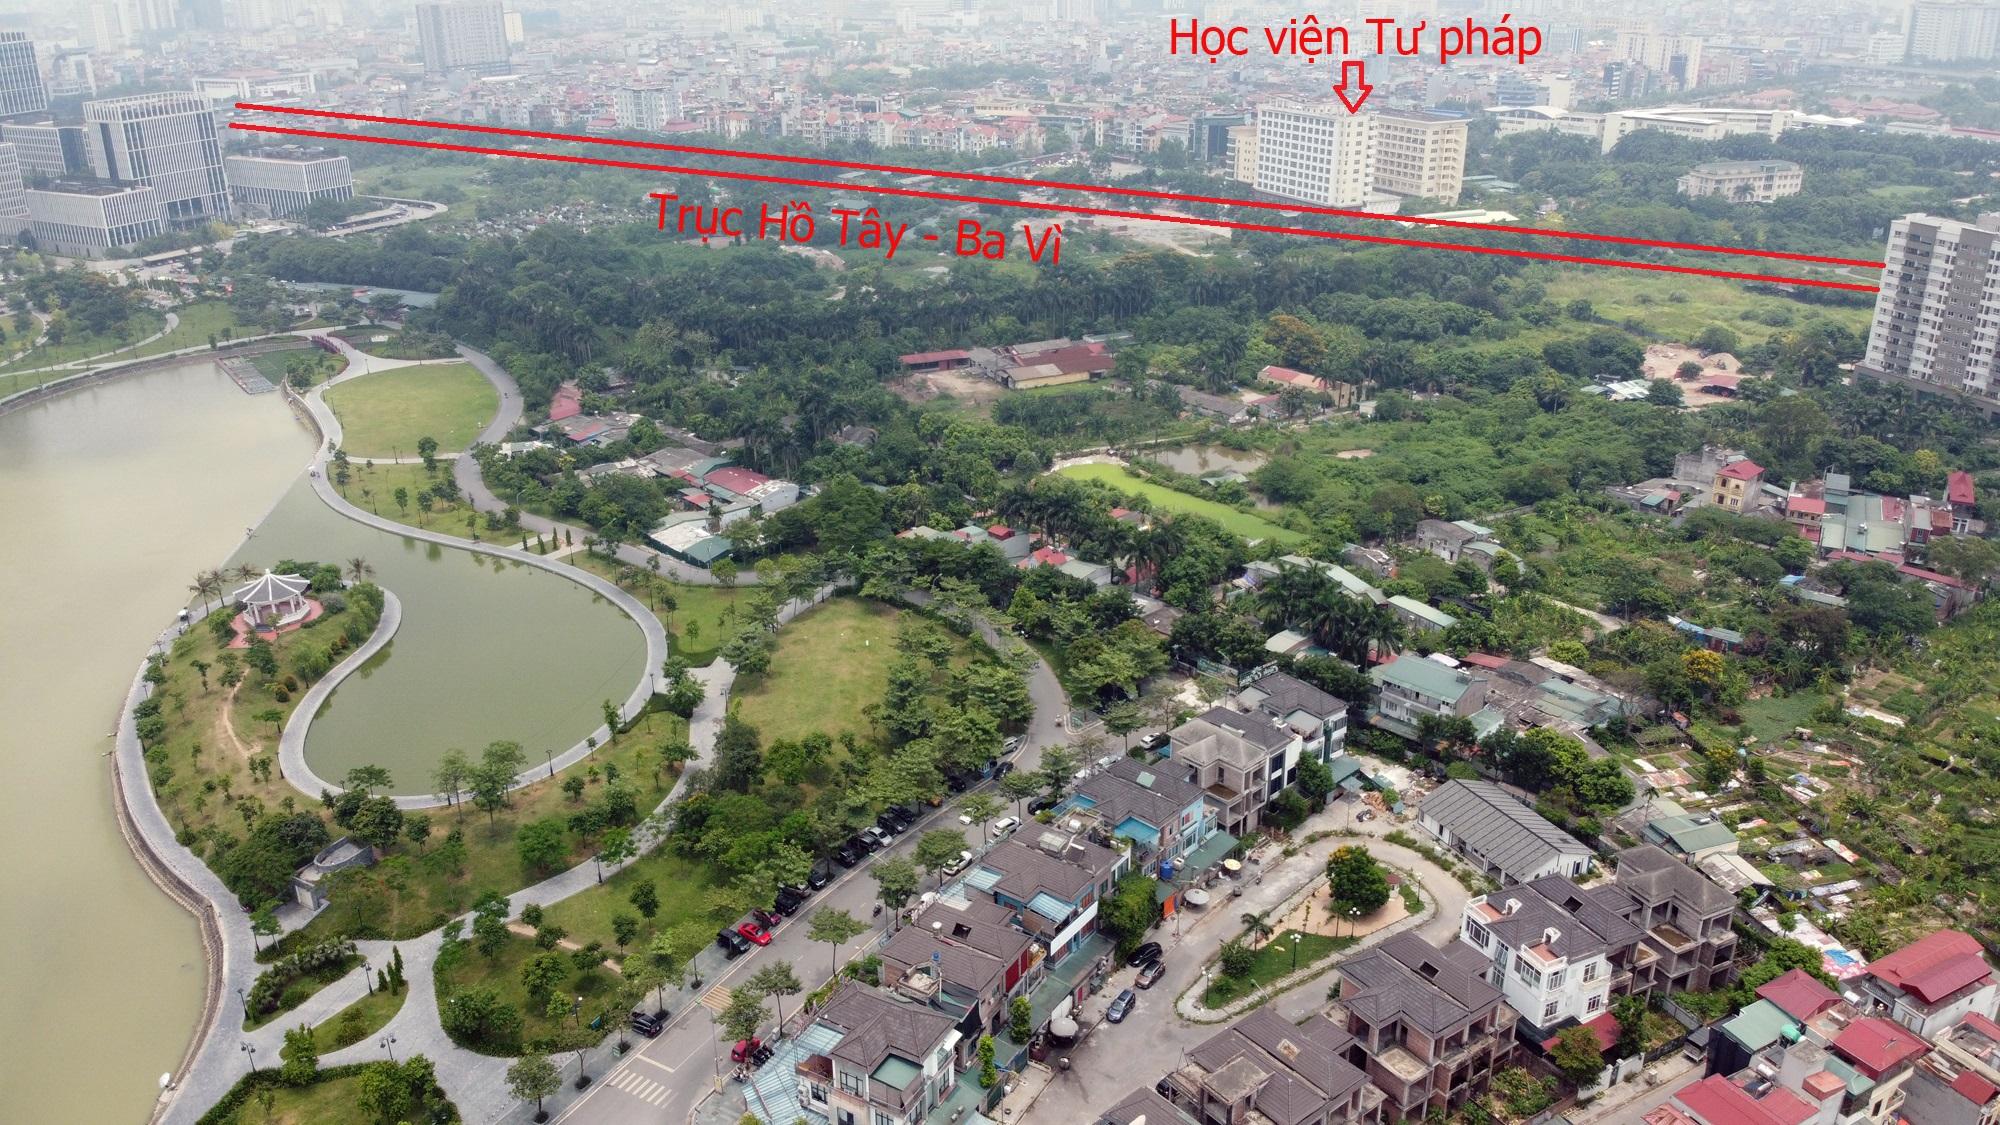 Đường sẽ mở theo qui hoạch ở Hà Nội: Toàn cảnh trục Hồ Tây - Ba Vì đến Vành đai 4 - Ảnh 13.